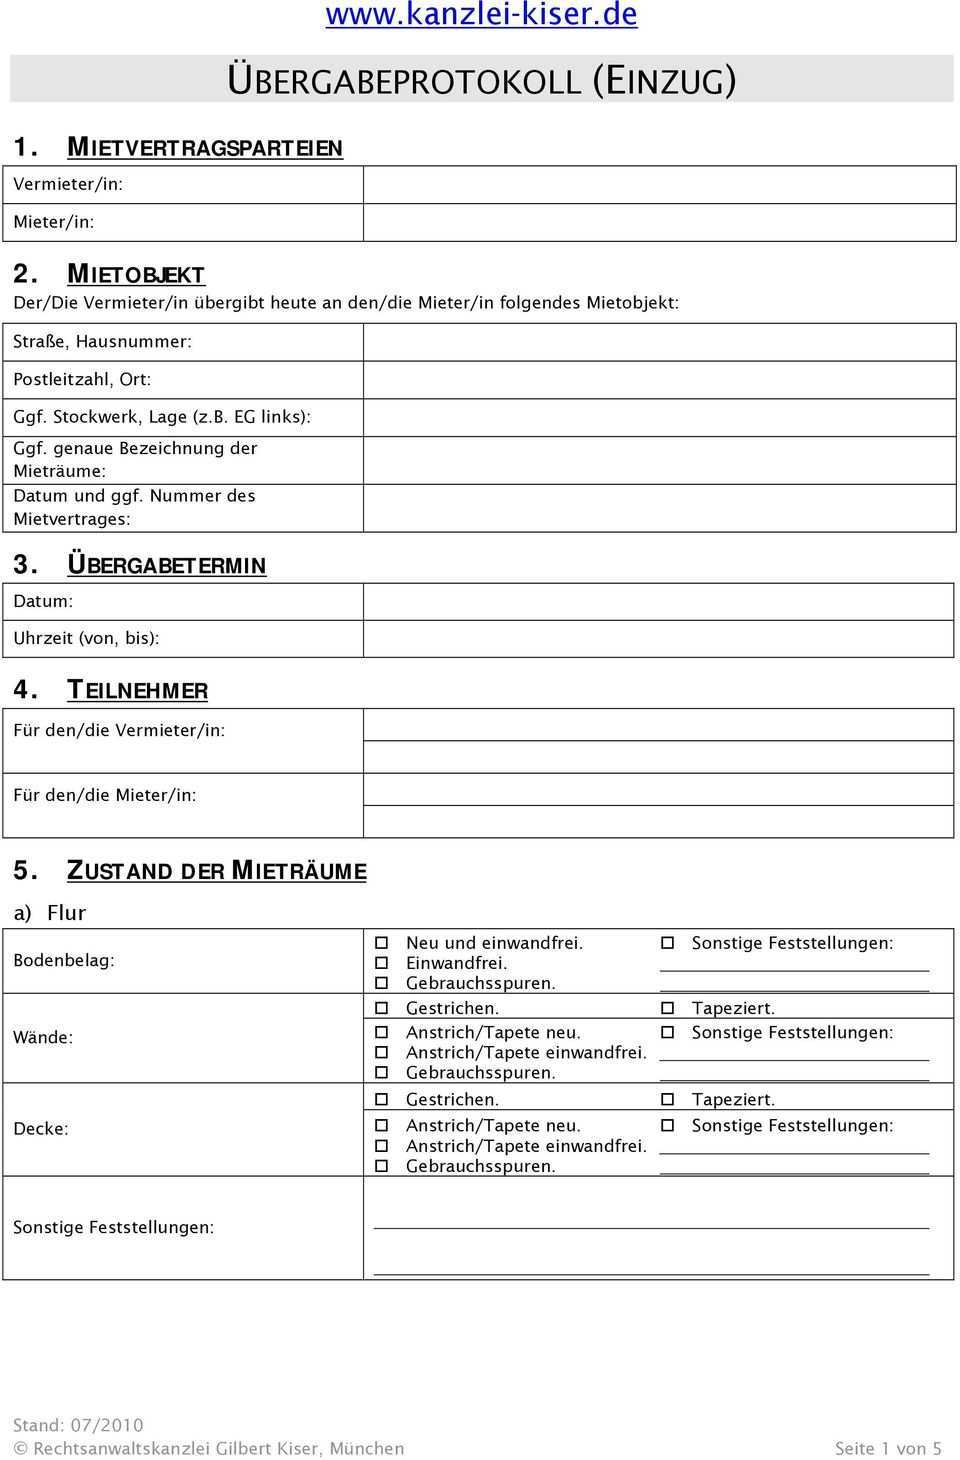 Ubergabeprotokoll Einzug Pdf Kostenfreier Download